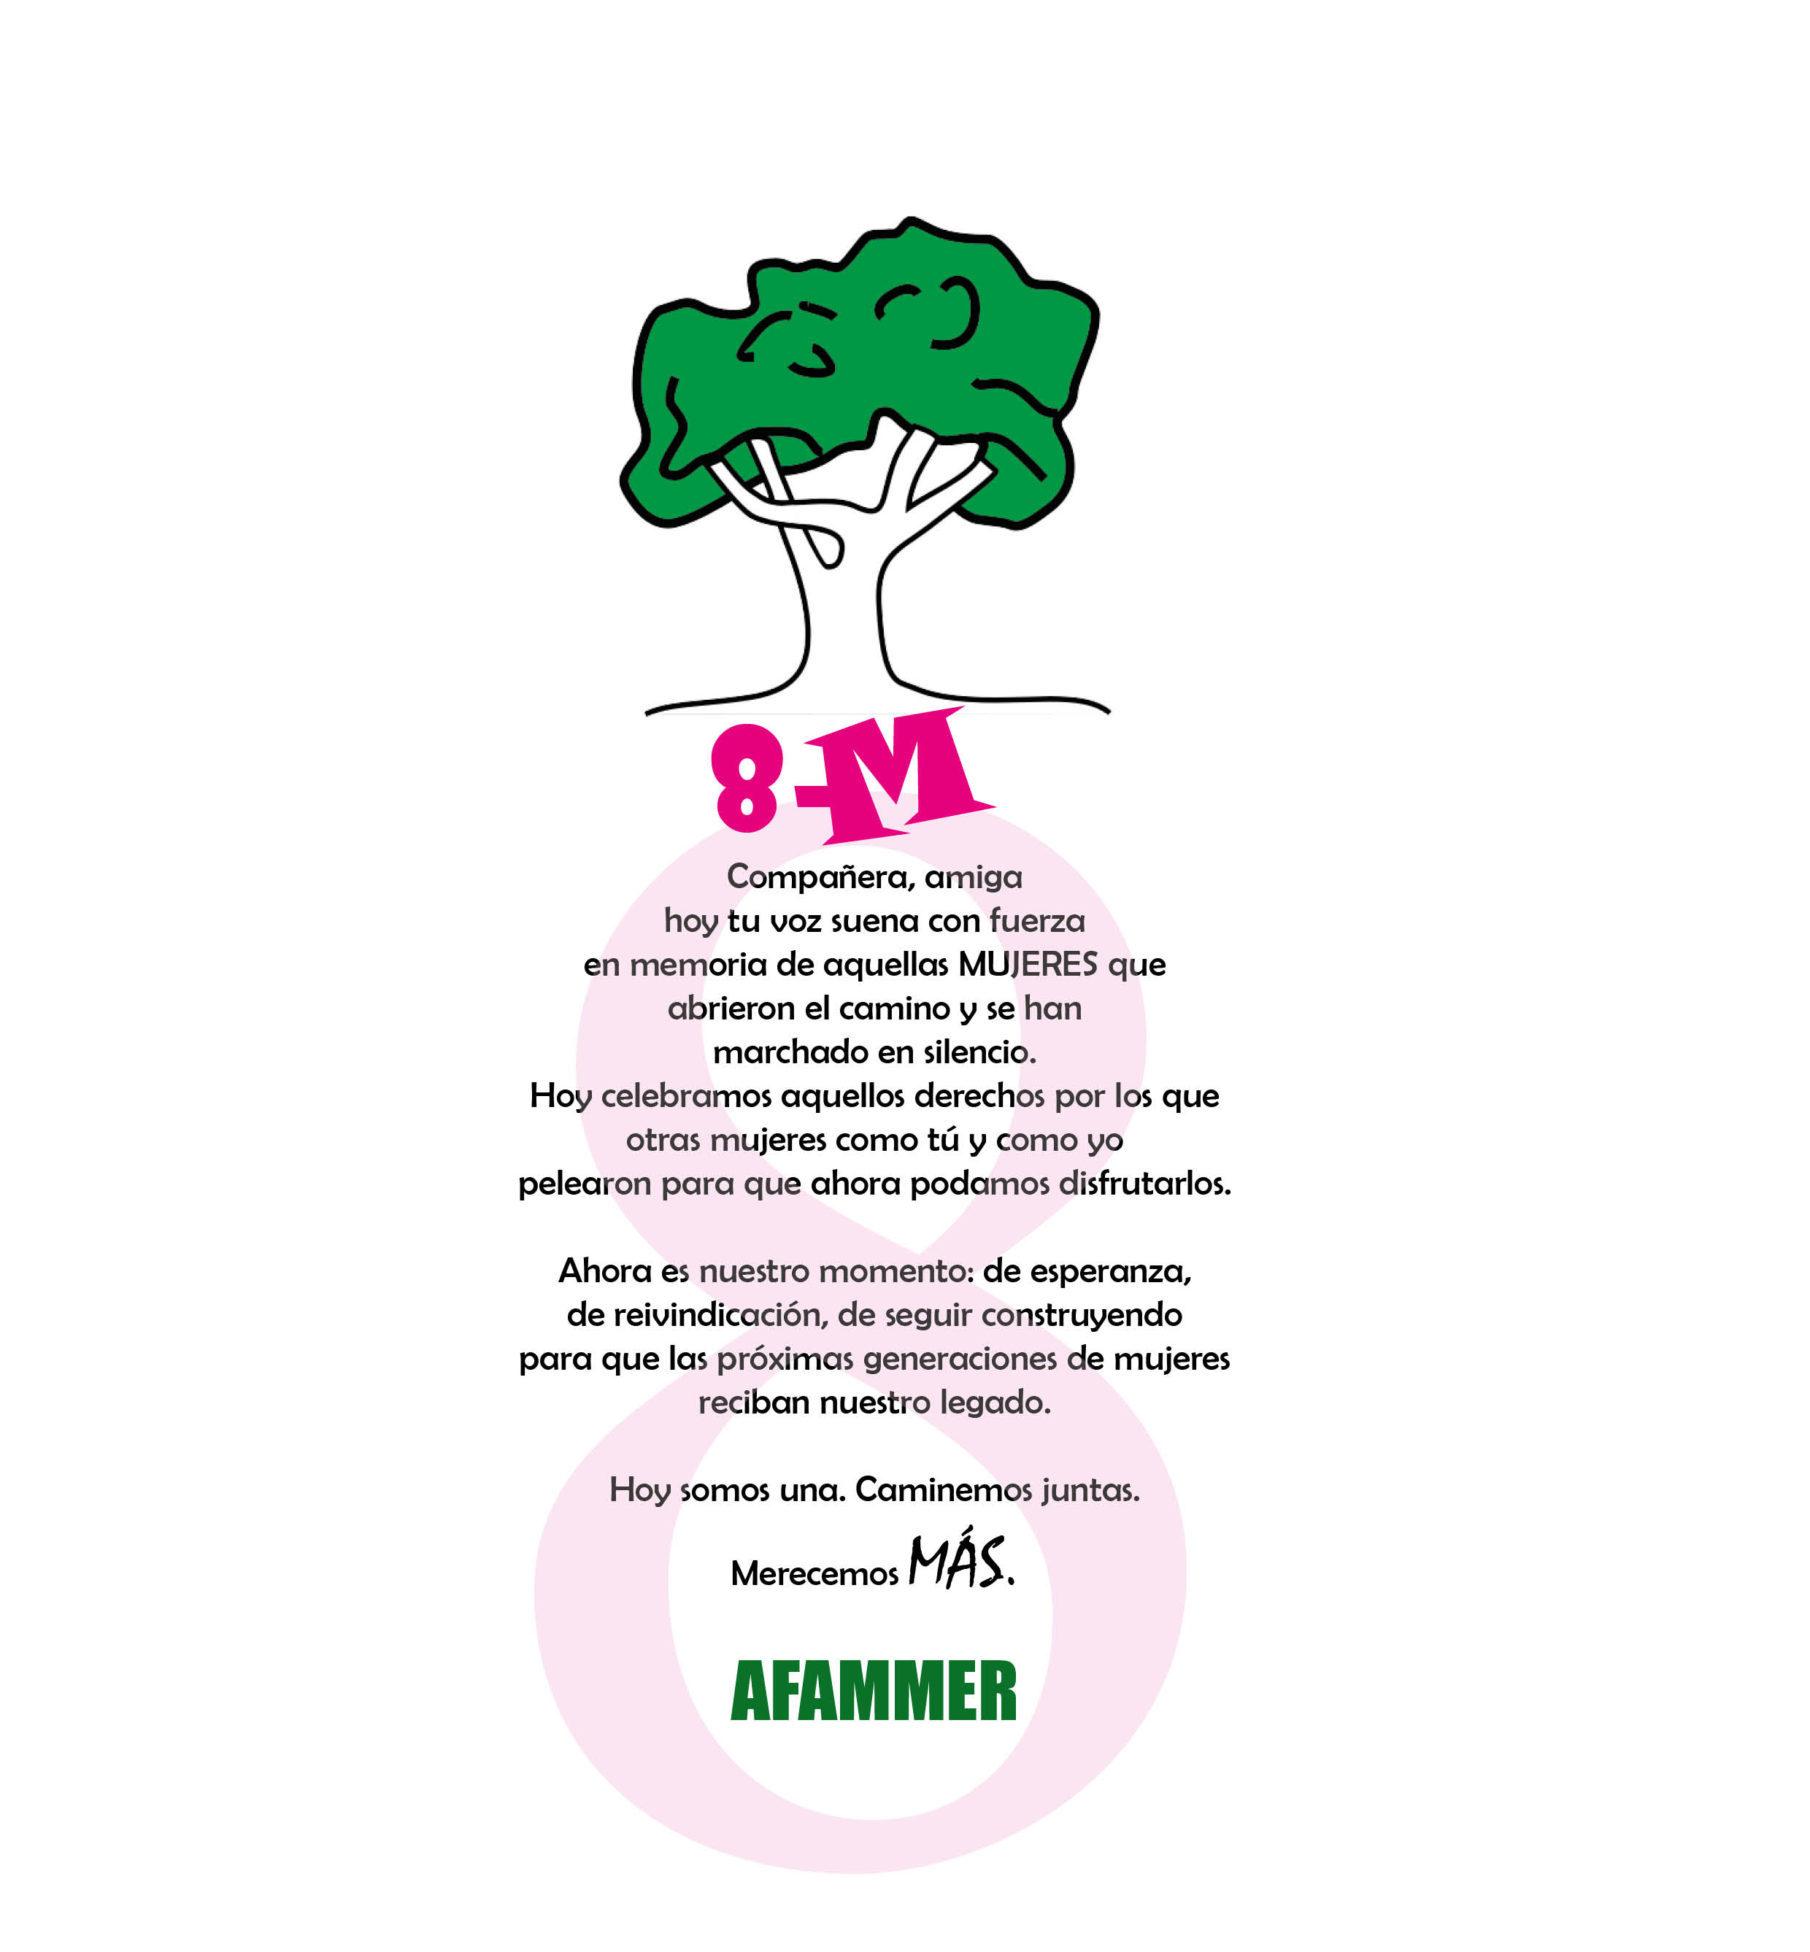 AFAMMER 8-M